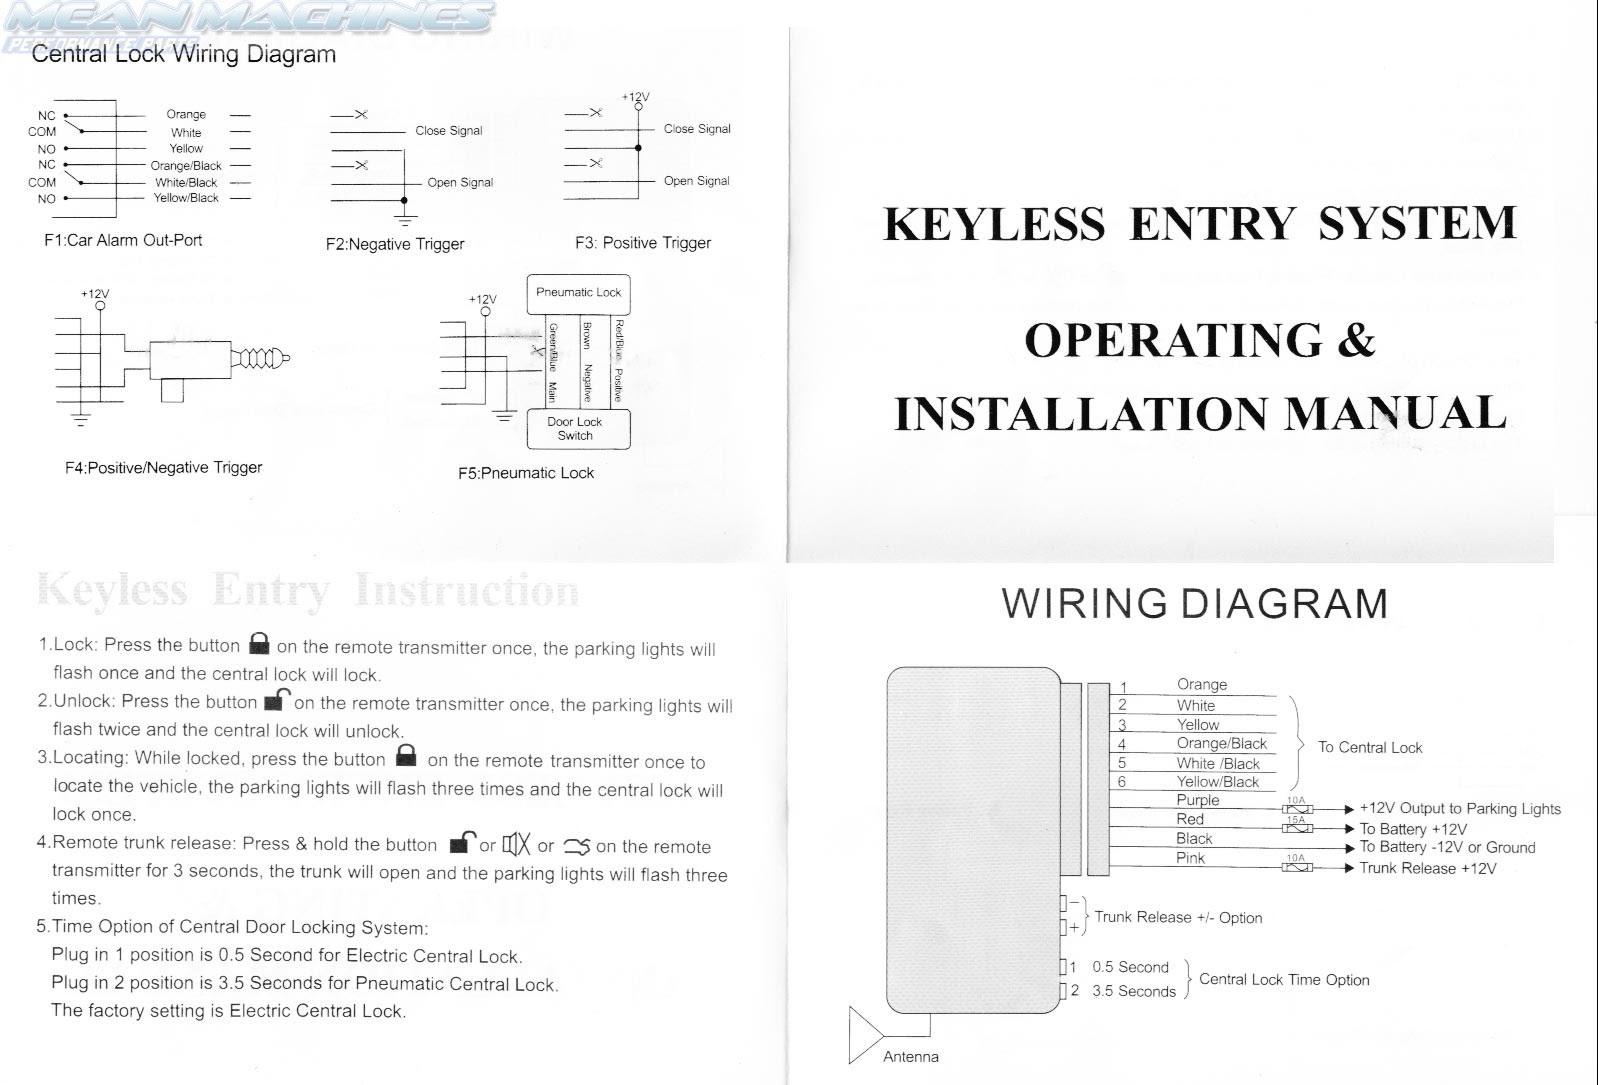 Mitsubishi L200 Central Locking Wiring Diagram - Wiring ...